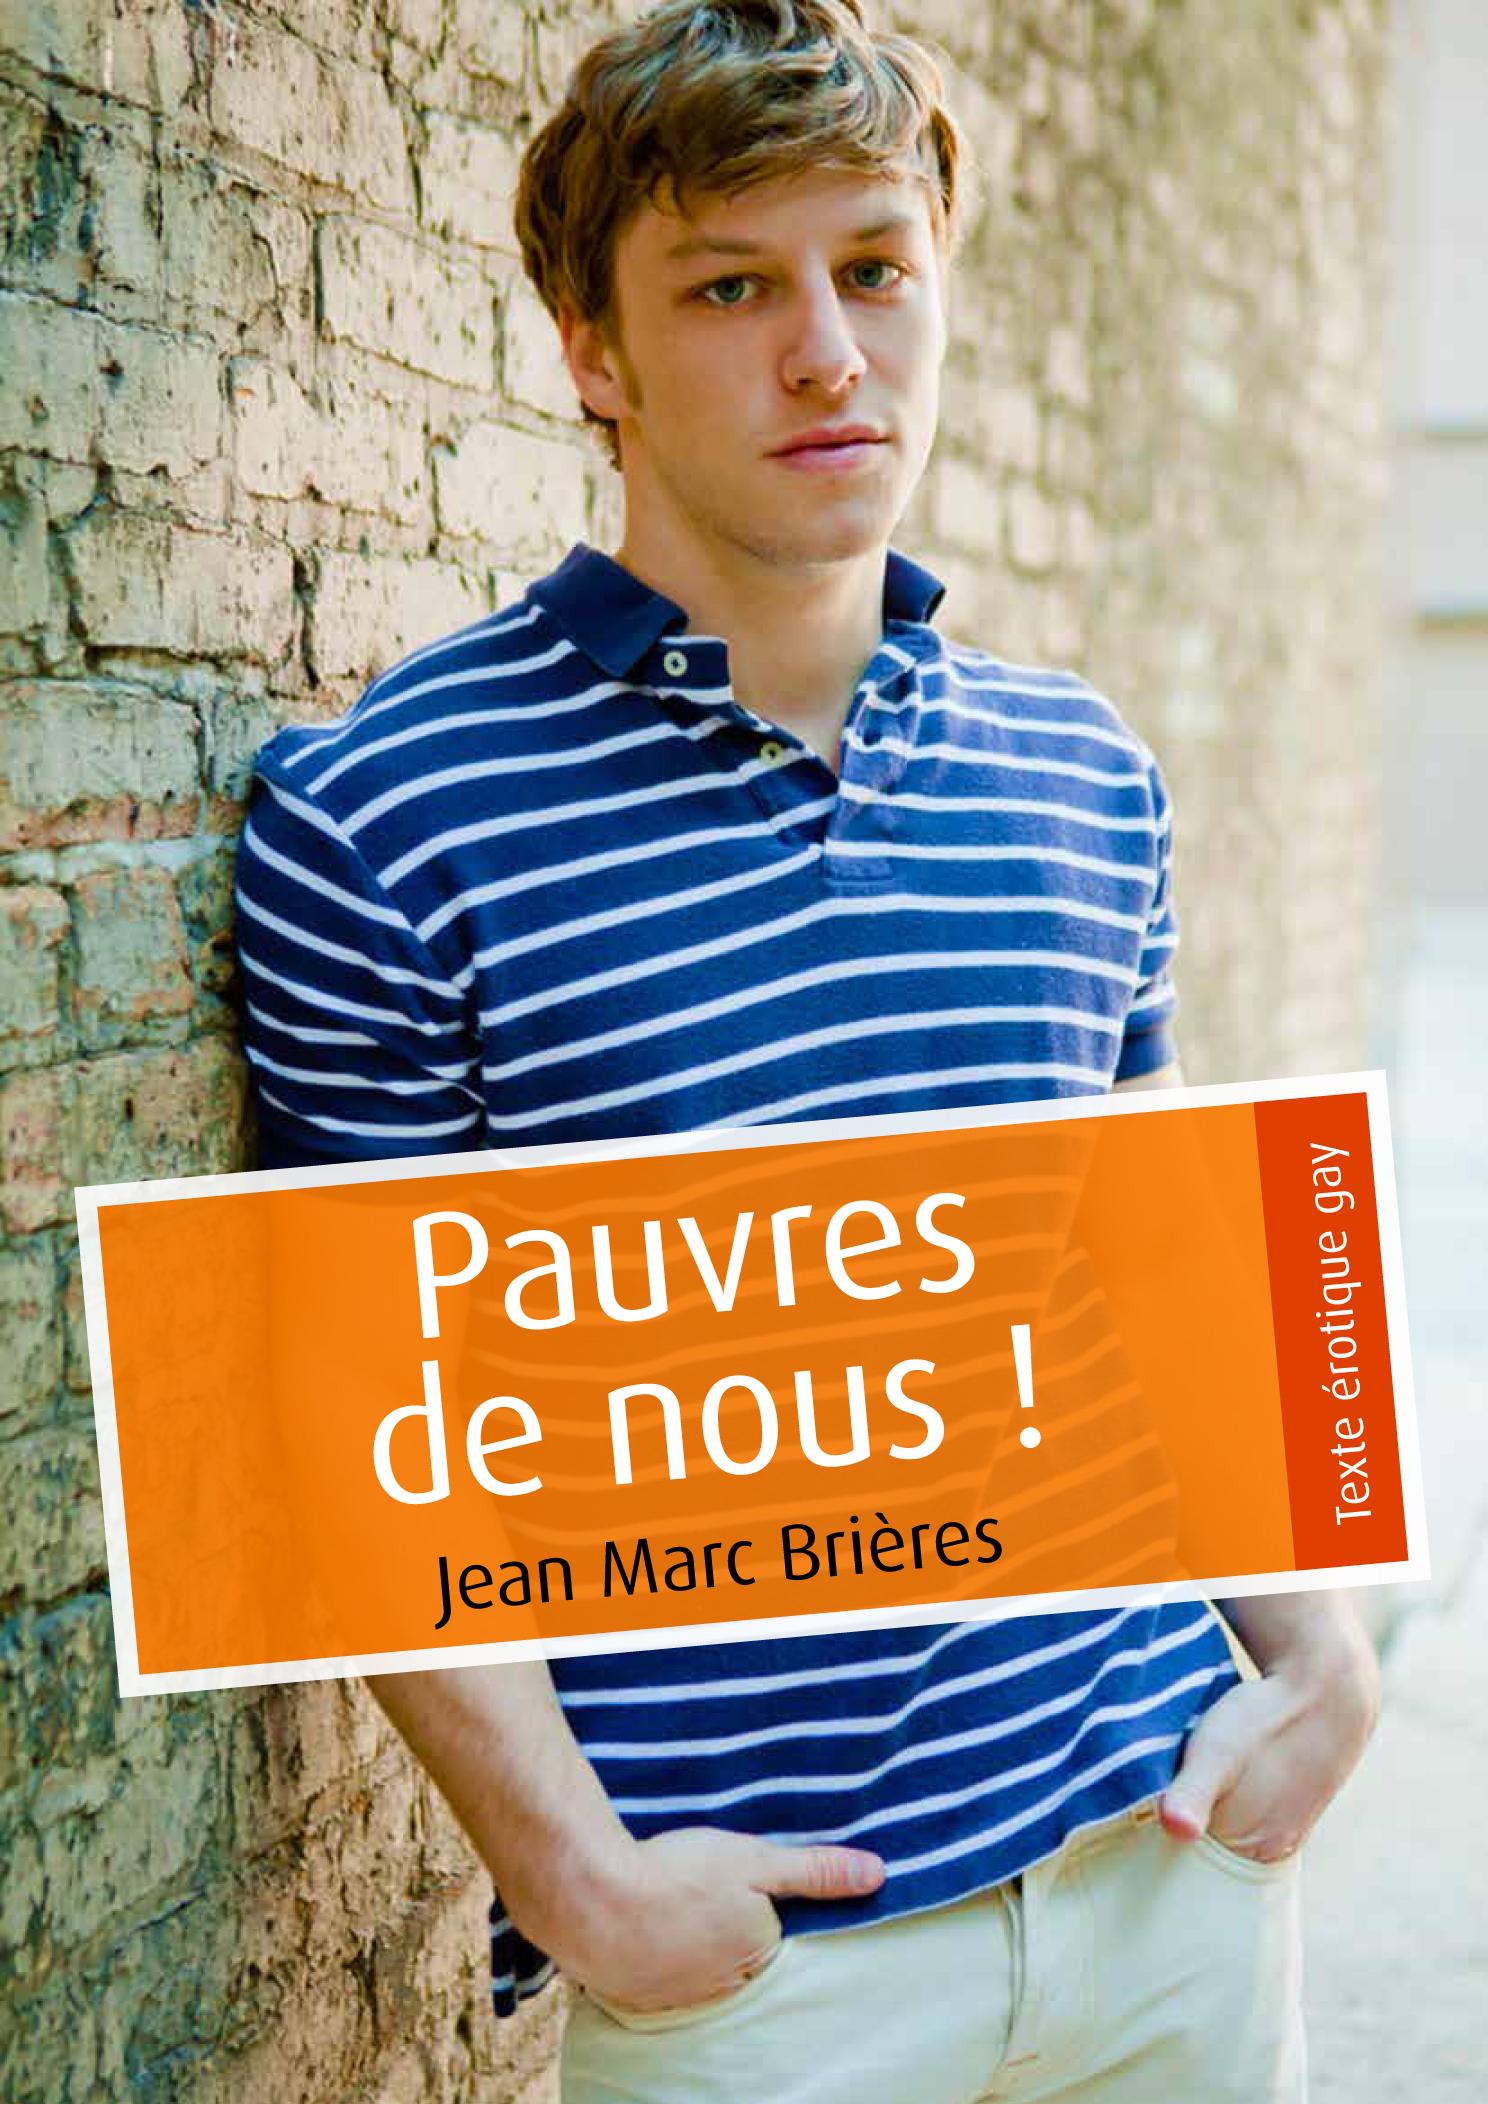 BRIERES Jean-Marc - Pauvres de nous !  9744aa83804ca27c9c2675c64a1cf8d5e146ecf98d282ecd8a1c7189cc19